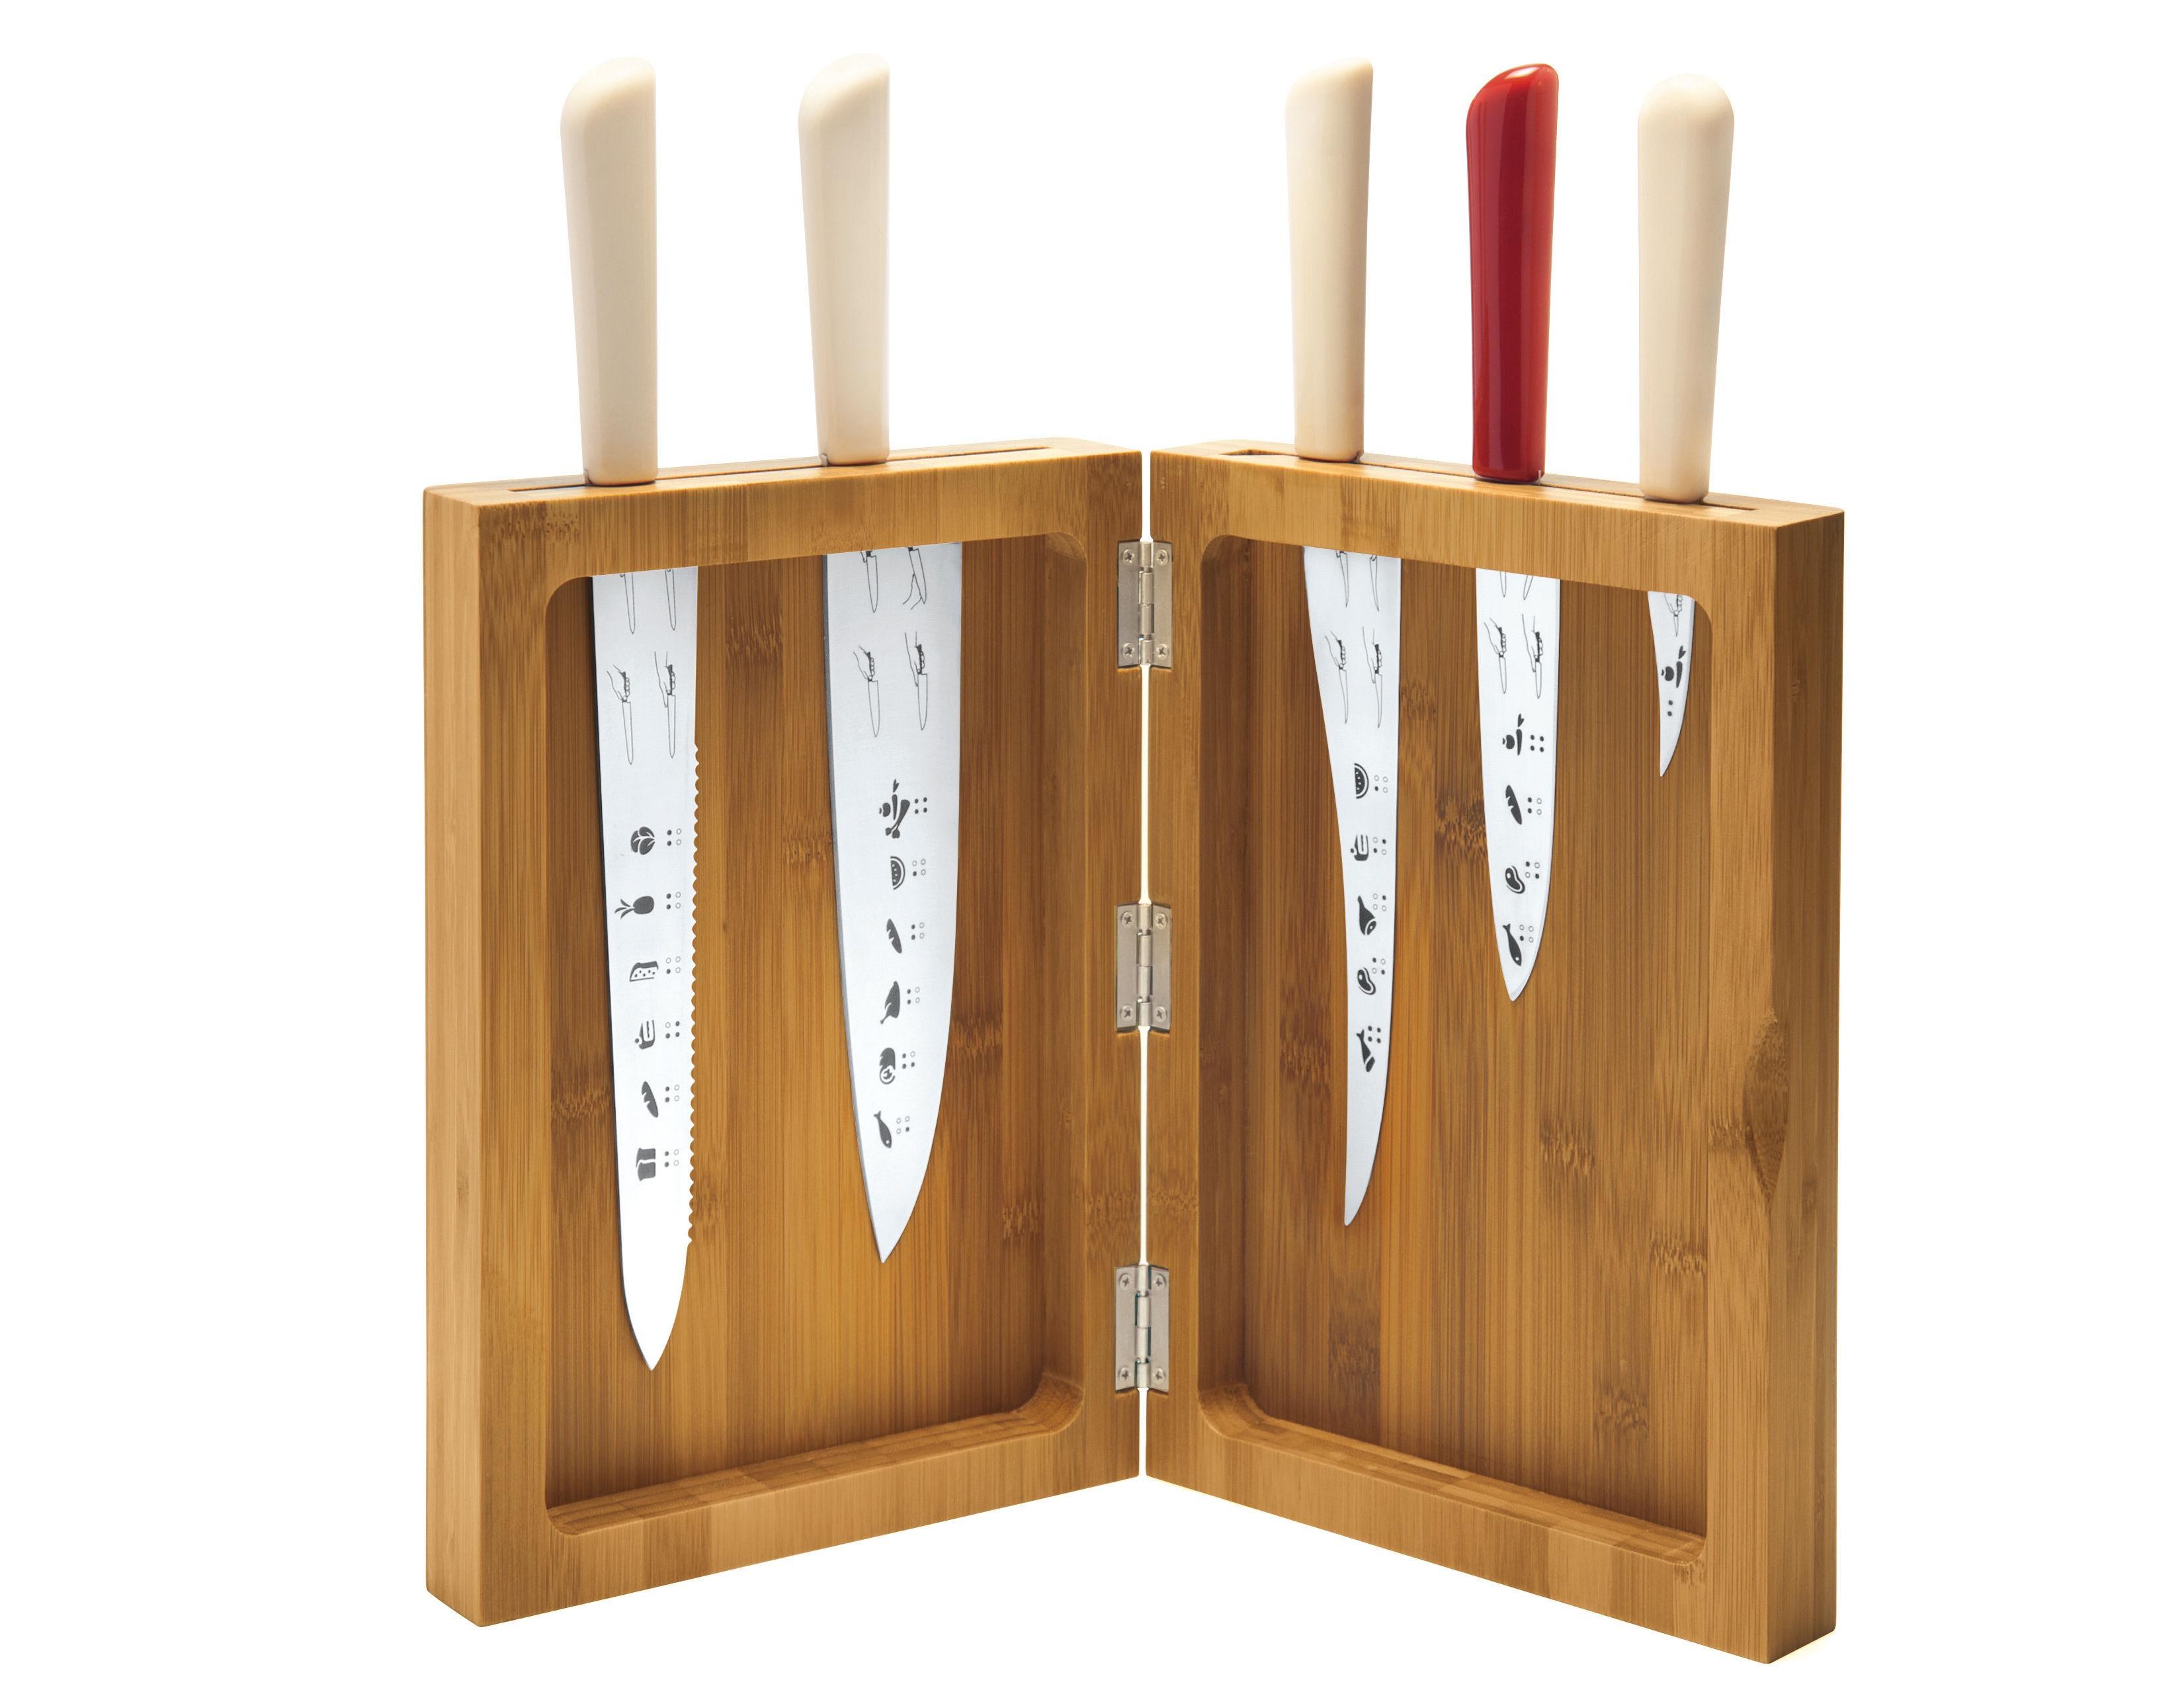 Cucina - Coltelli da cucina - Ceppo coltelli K-block - / Set da 5 coltelli di Alessi - Ceppo coltelli - Bambù - Bambù